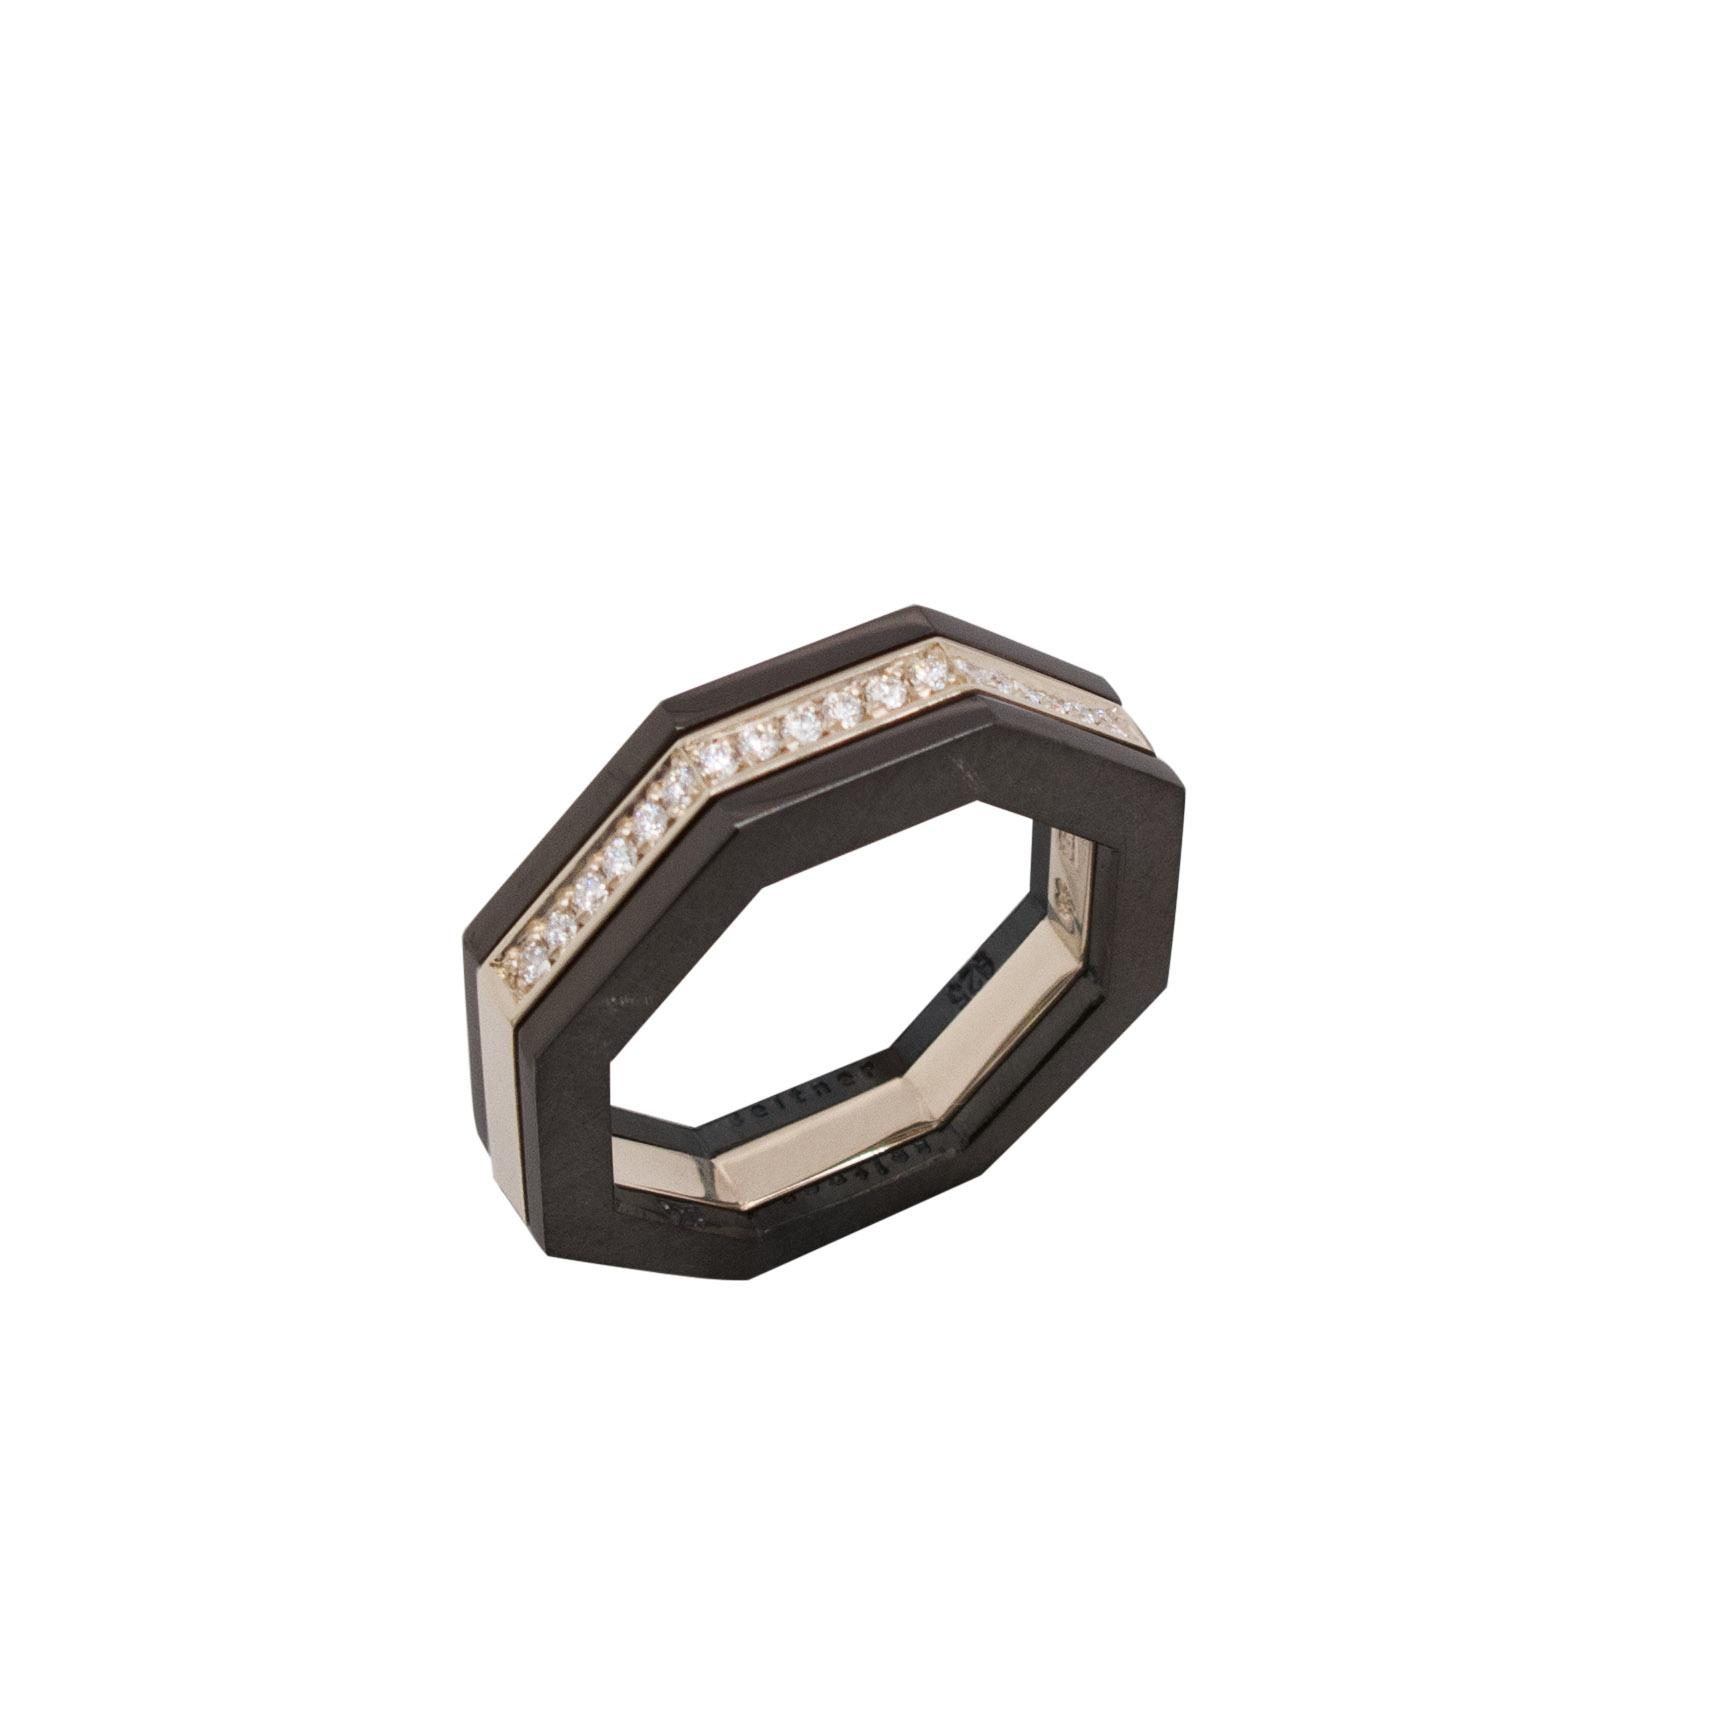 2 Ringe aus 925 Sterlingsilber geschwärzt à 150 Euro, Ring aus 18 karat Weißgold, Diamanten 0,13 carat TW/vs, 1.300 Euro